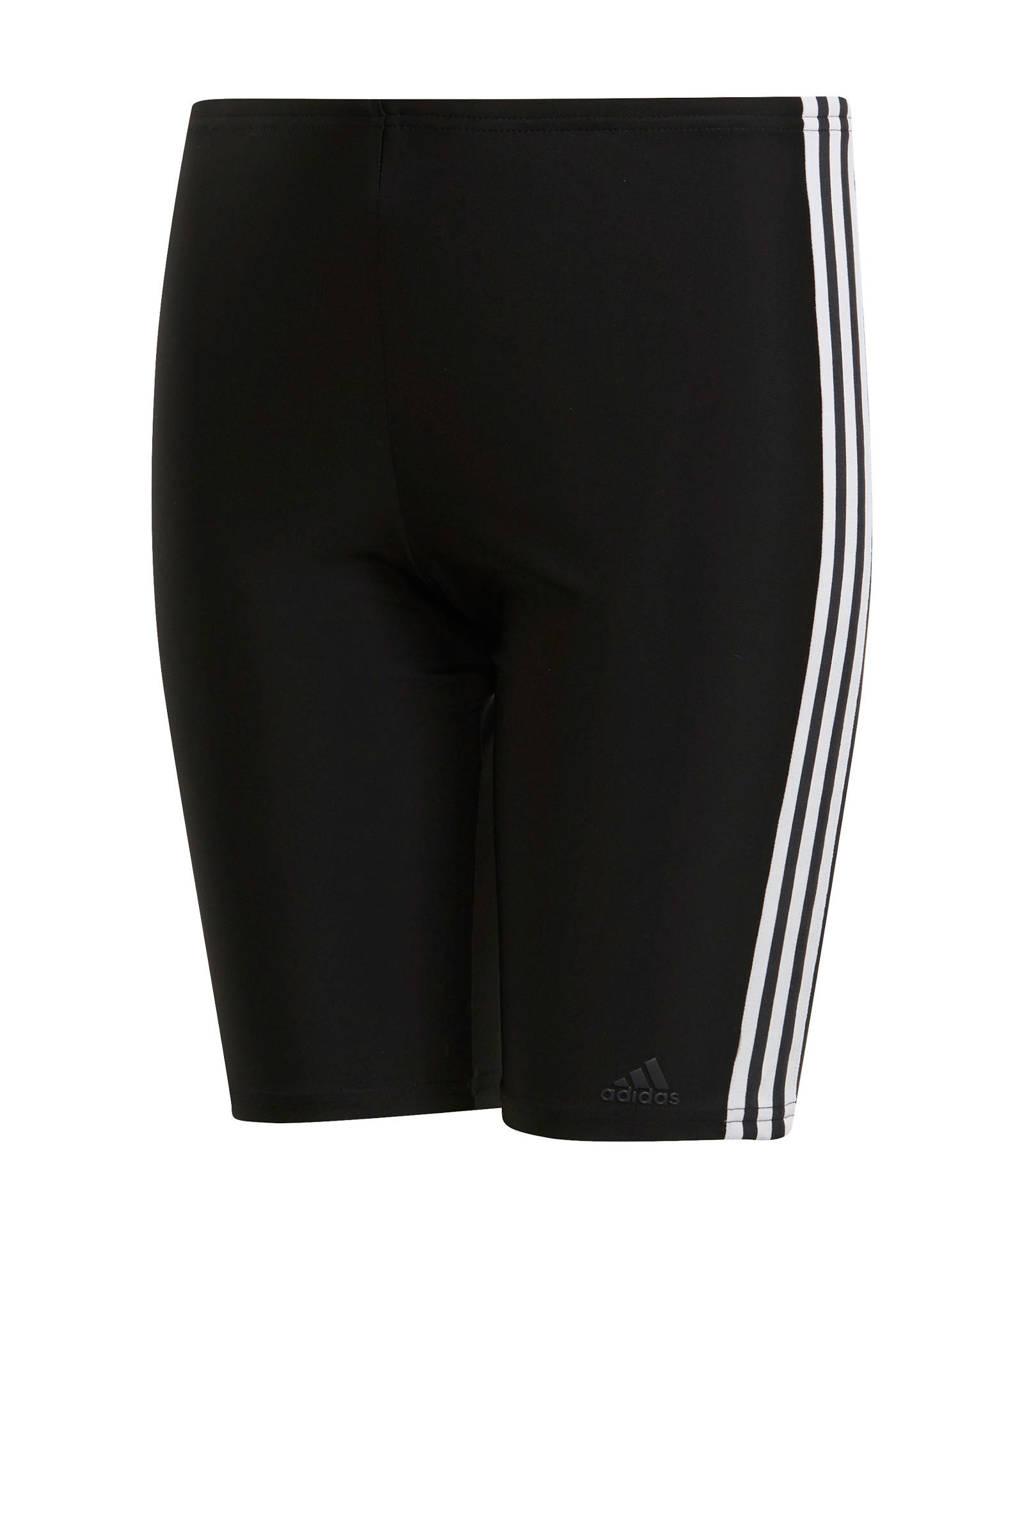 adidas infinitex jammer 3-stripes zwart, Zwart/wit